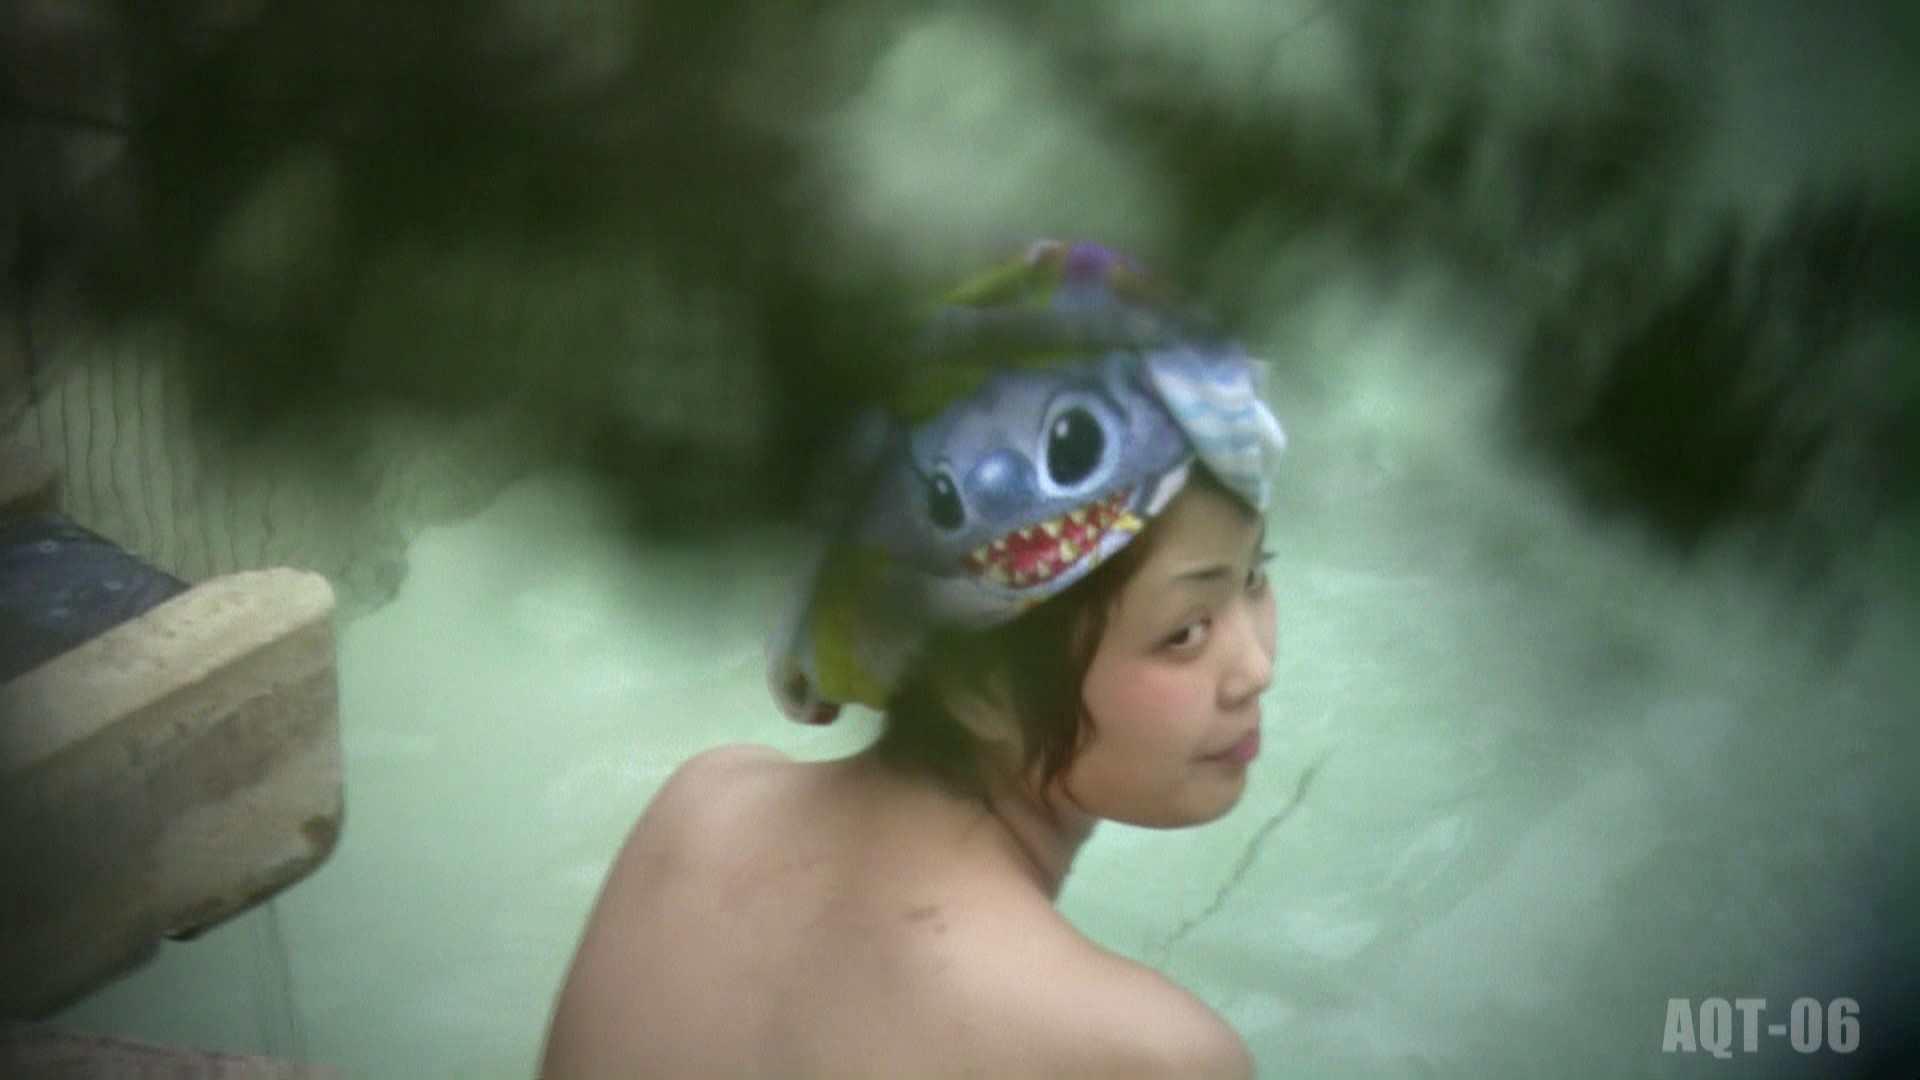 Aquaな露天風呂Vol.761 OLのエロ生活  97連発 48